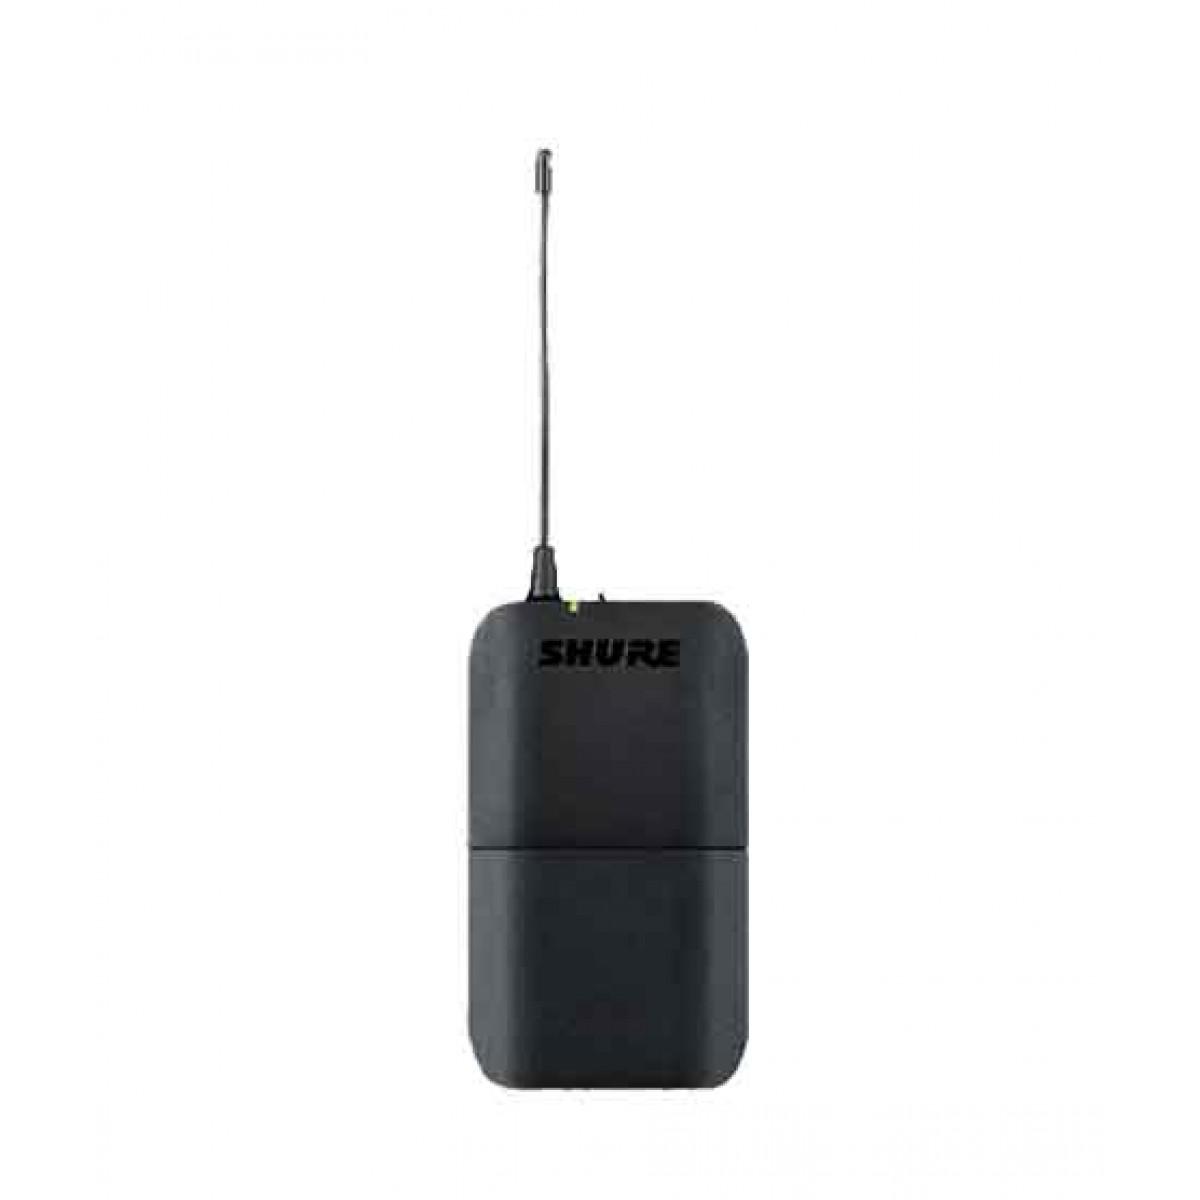 Shure Bodypack Transmitter (BLX1)